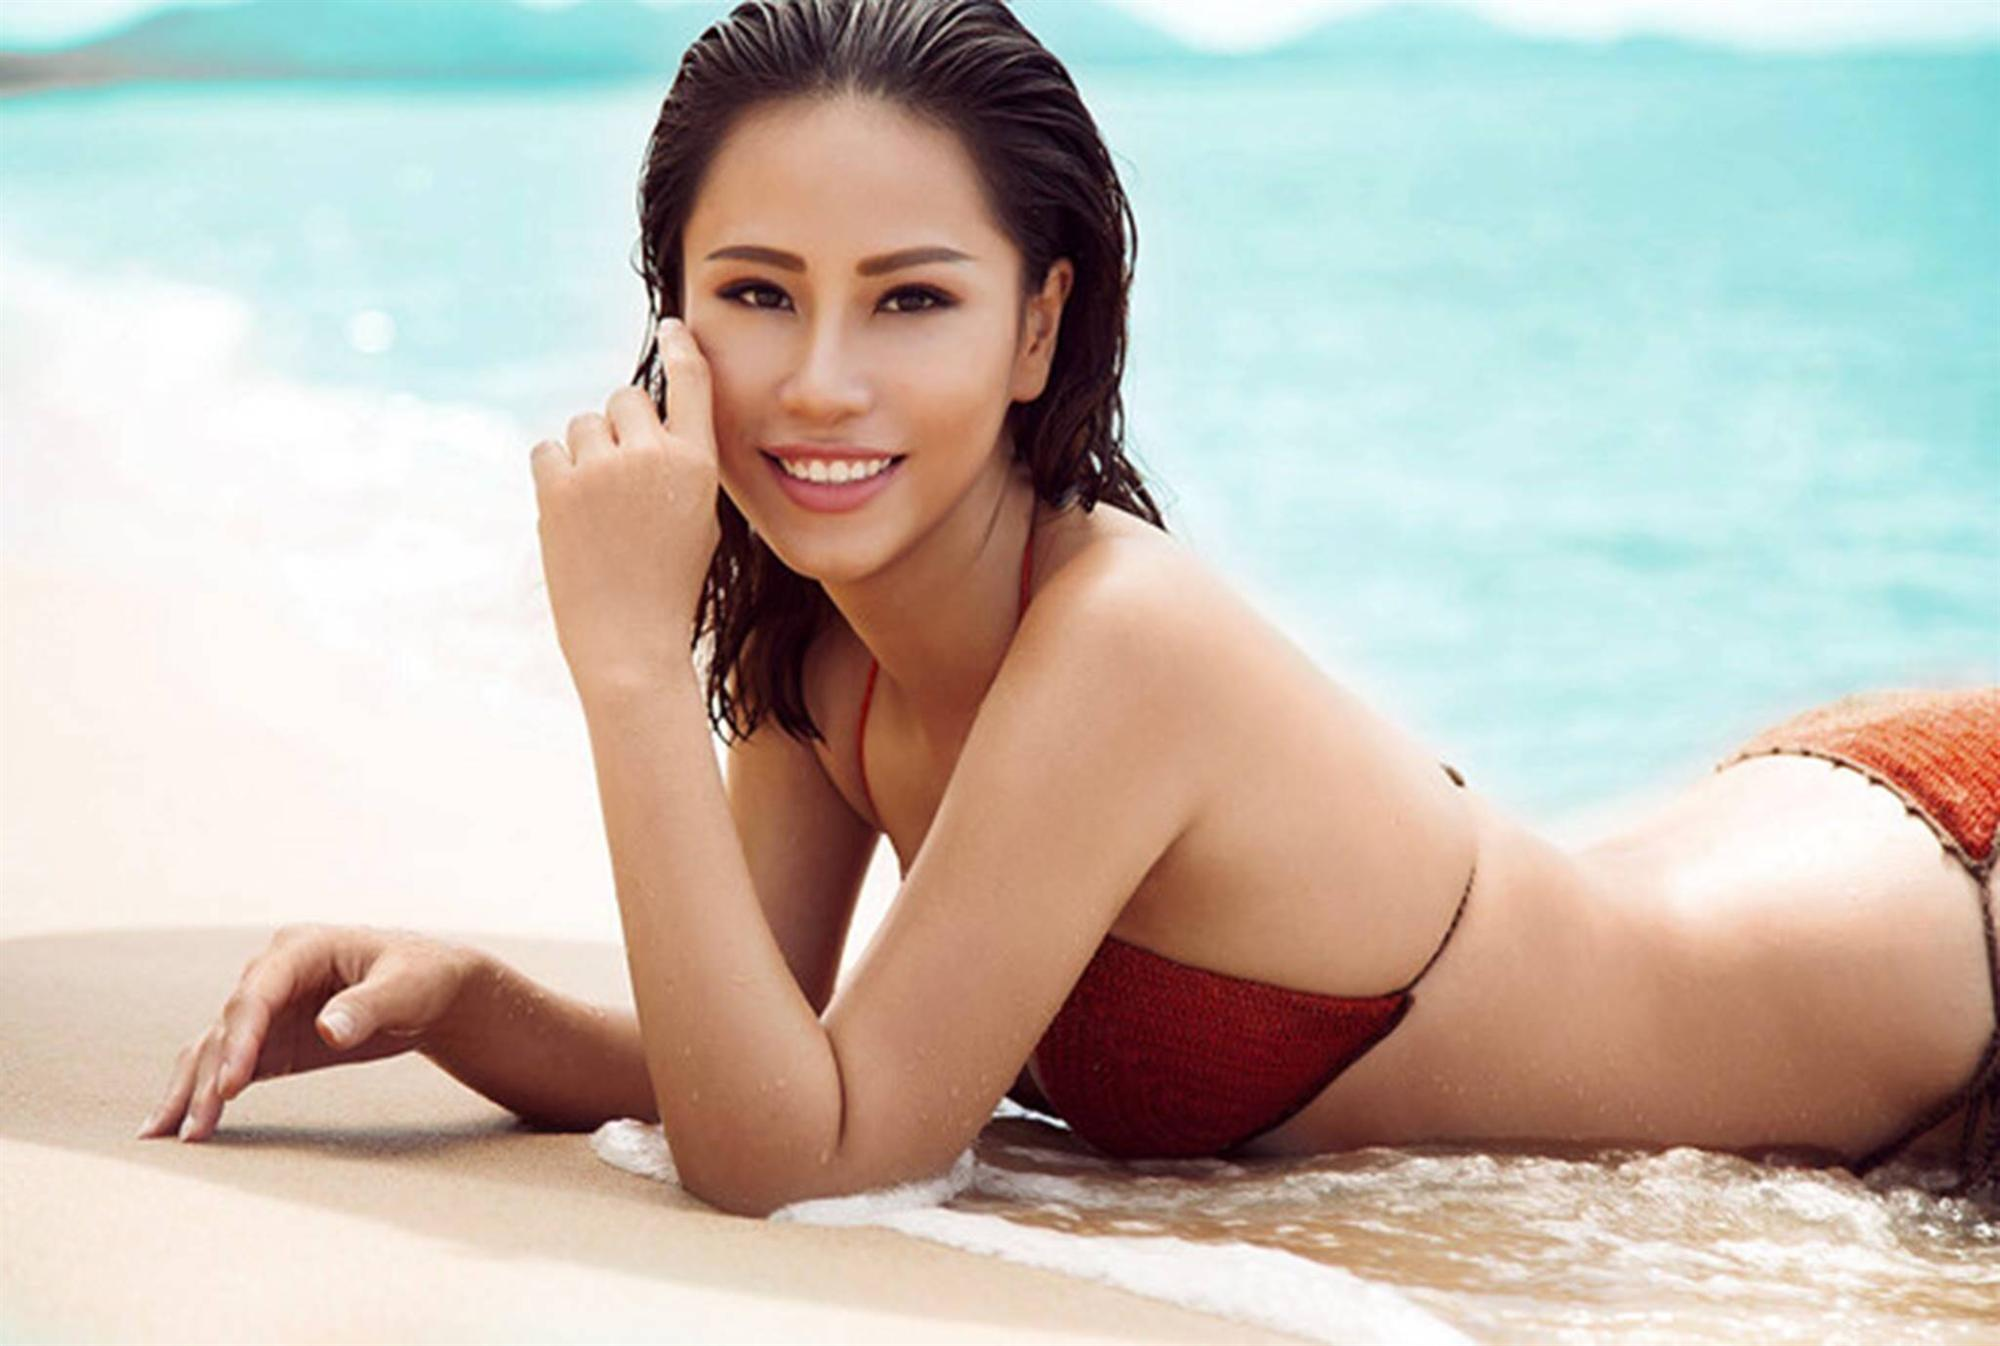 Nhan sắc dàn người đẹp dự thi Hoa hậu Hoàn vũ Việt Nam 2019-6